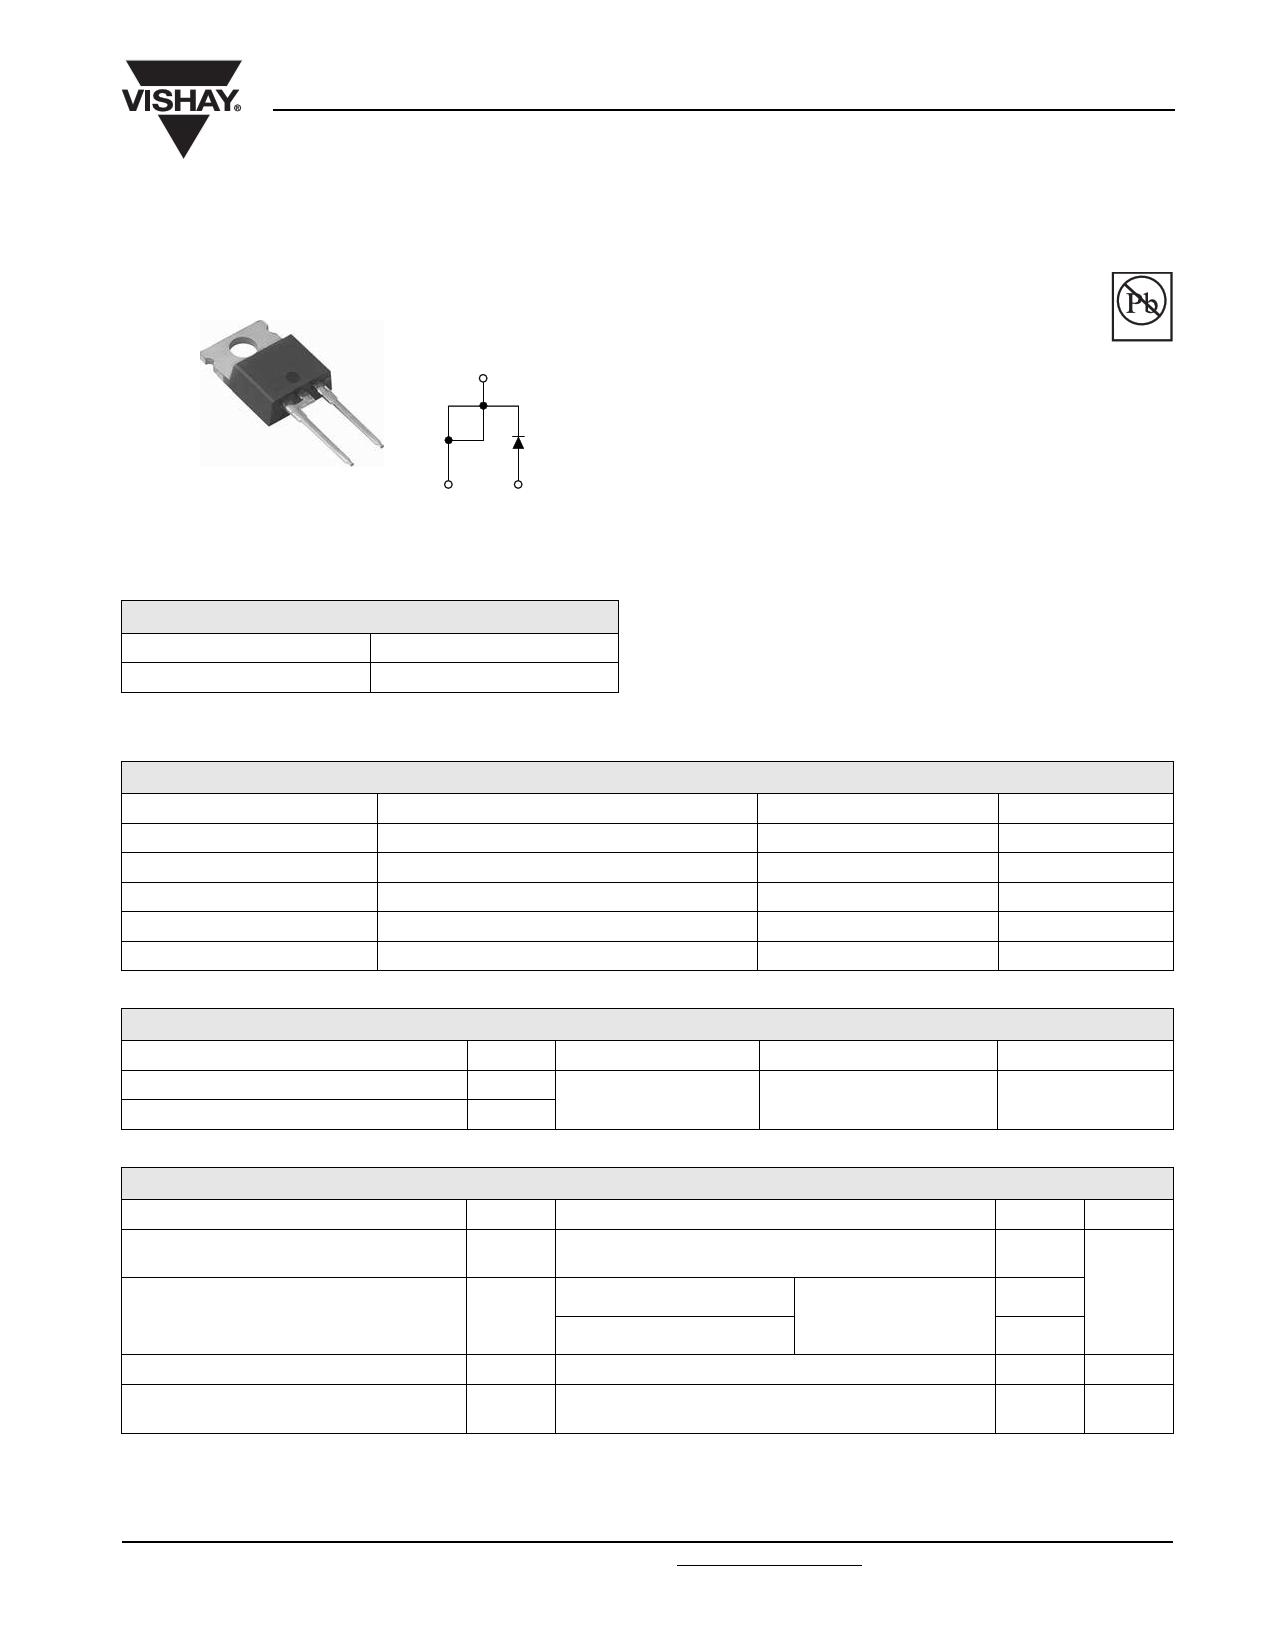 10TQ035PbF Datasheet, 10TQ035PbF PDF,ピン配置, 機能